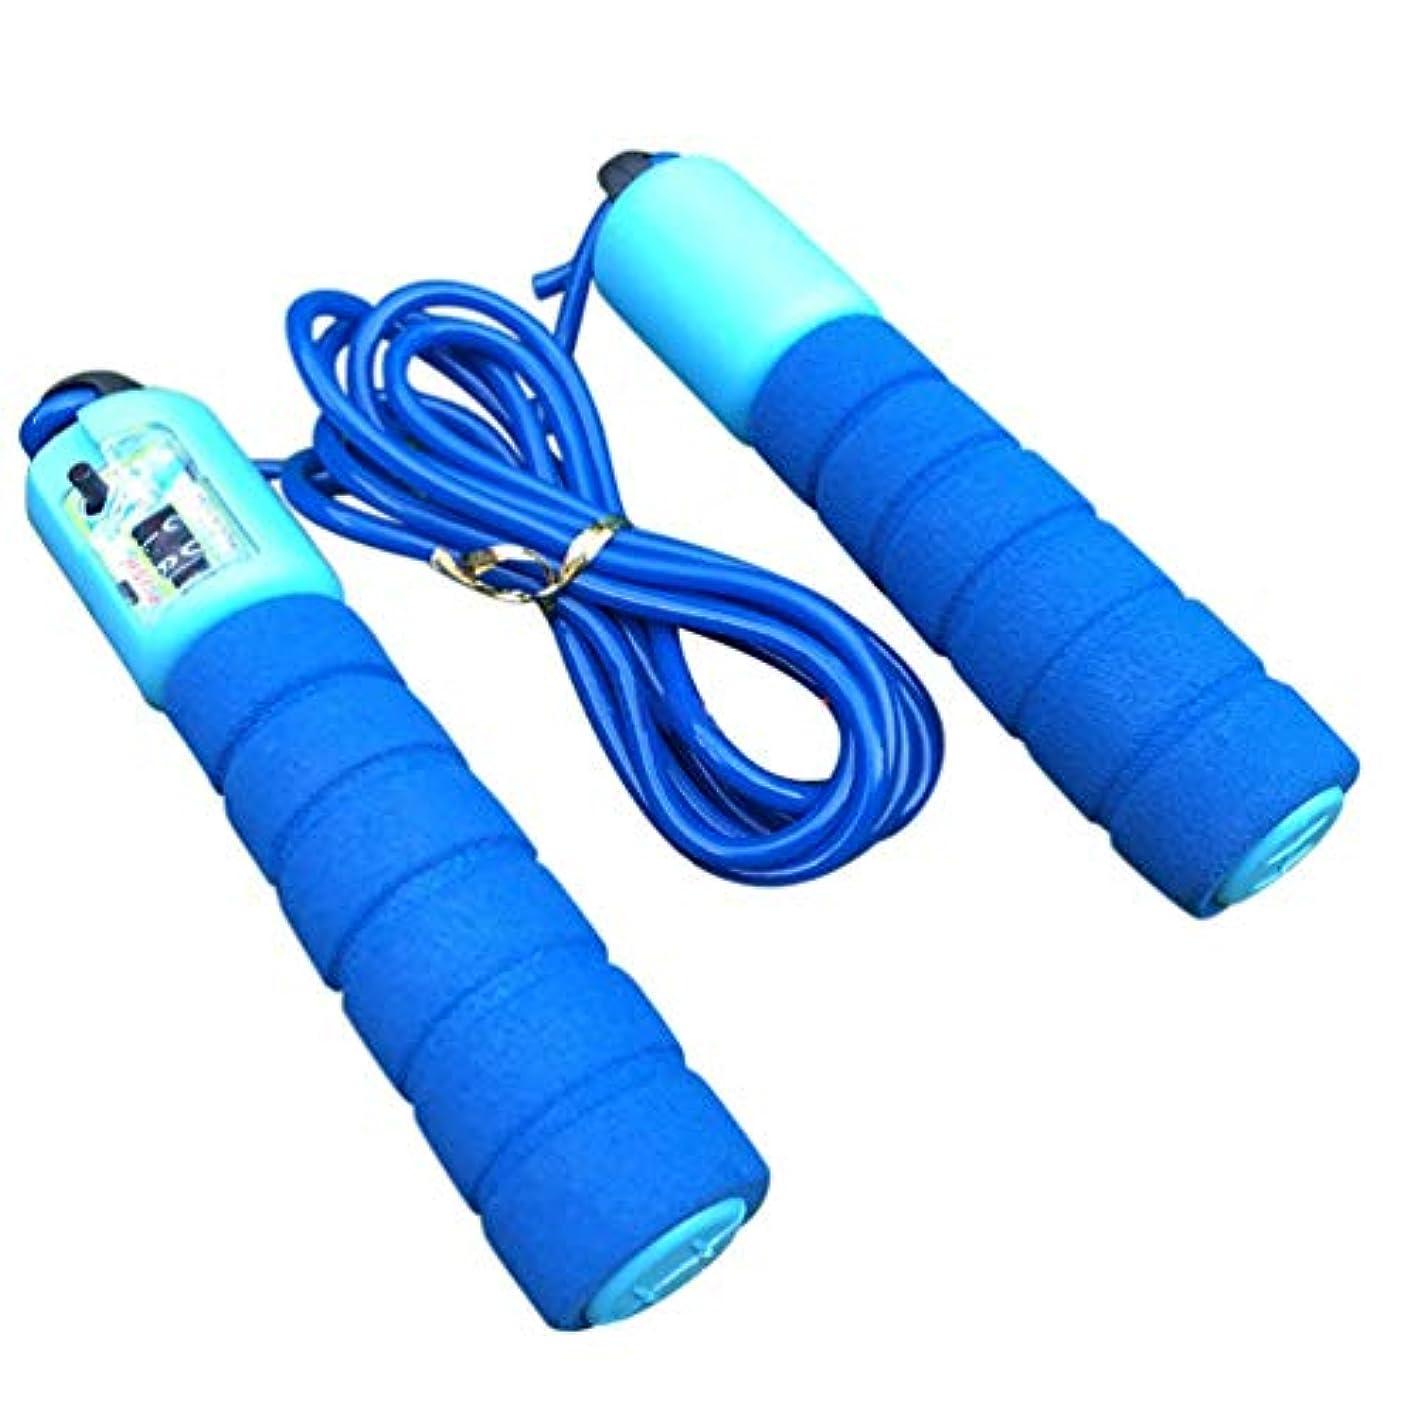 勃起体操選手メーター調整可能なプロフェッショナルカウント縄跳び自動カウントジャンプロープフィットネス運動高速カウントジャンプロープ - 青